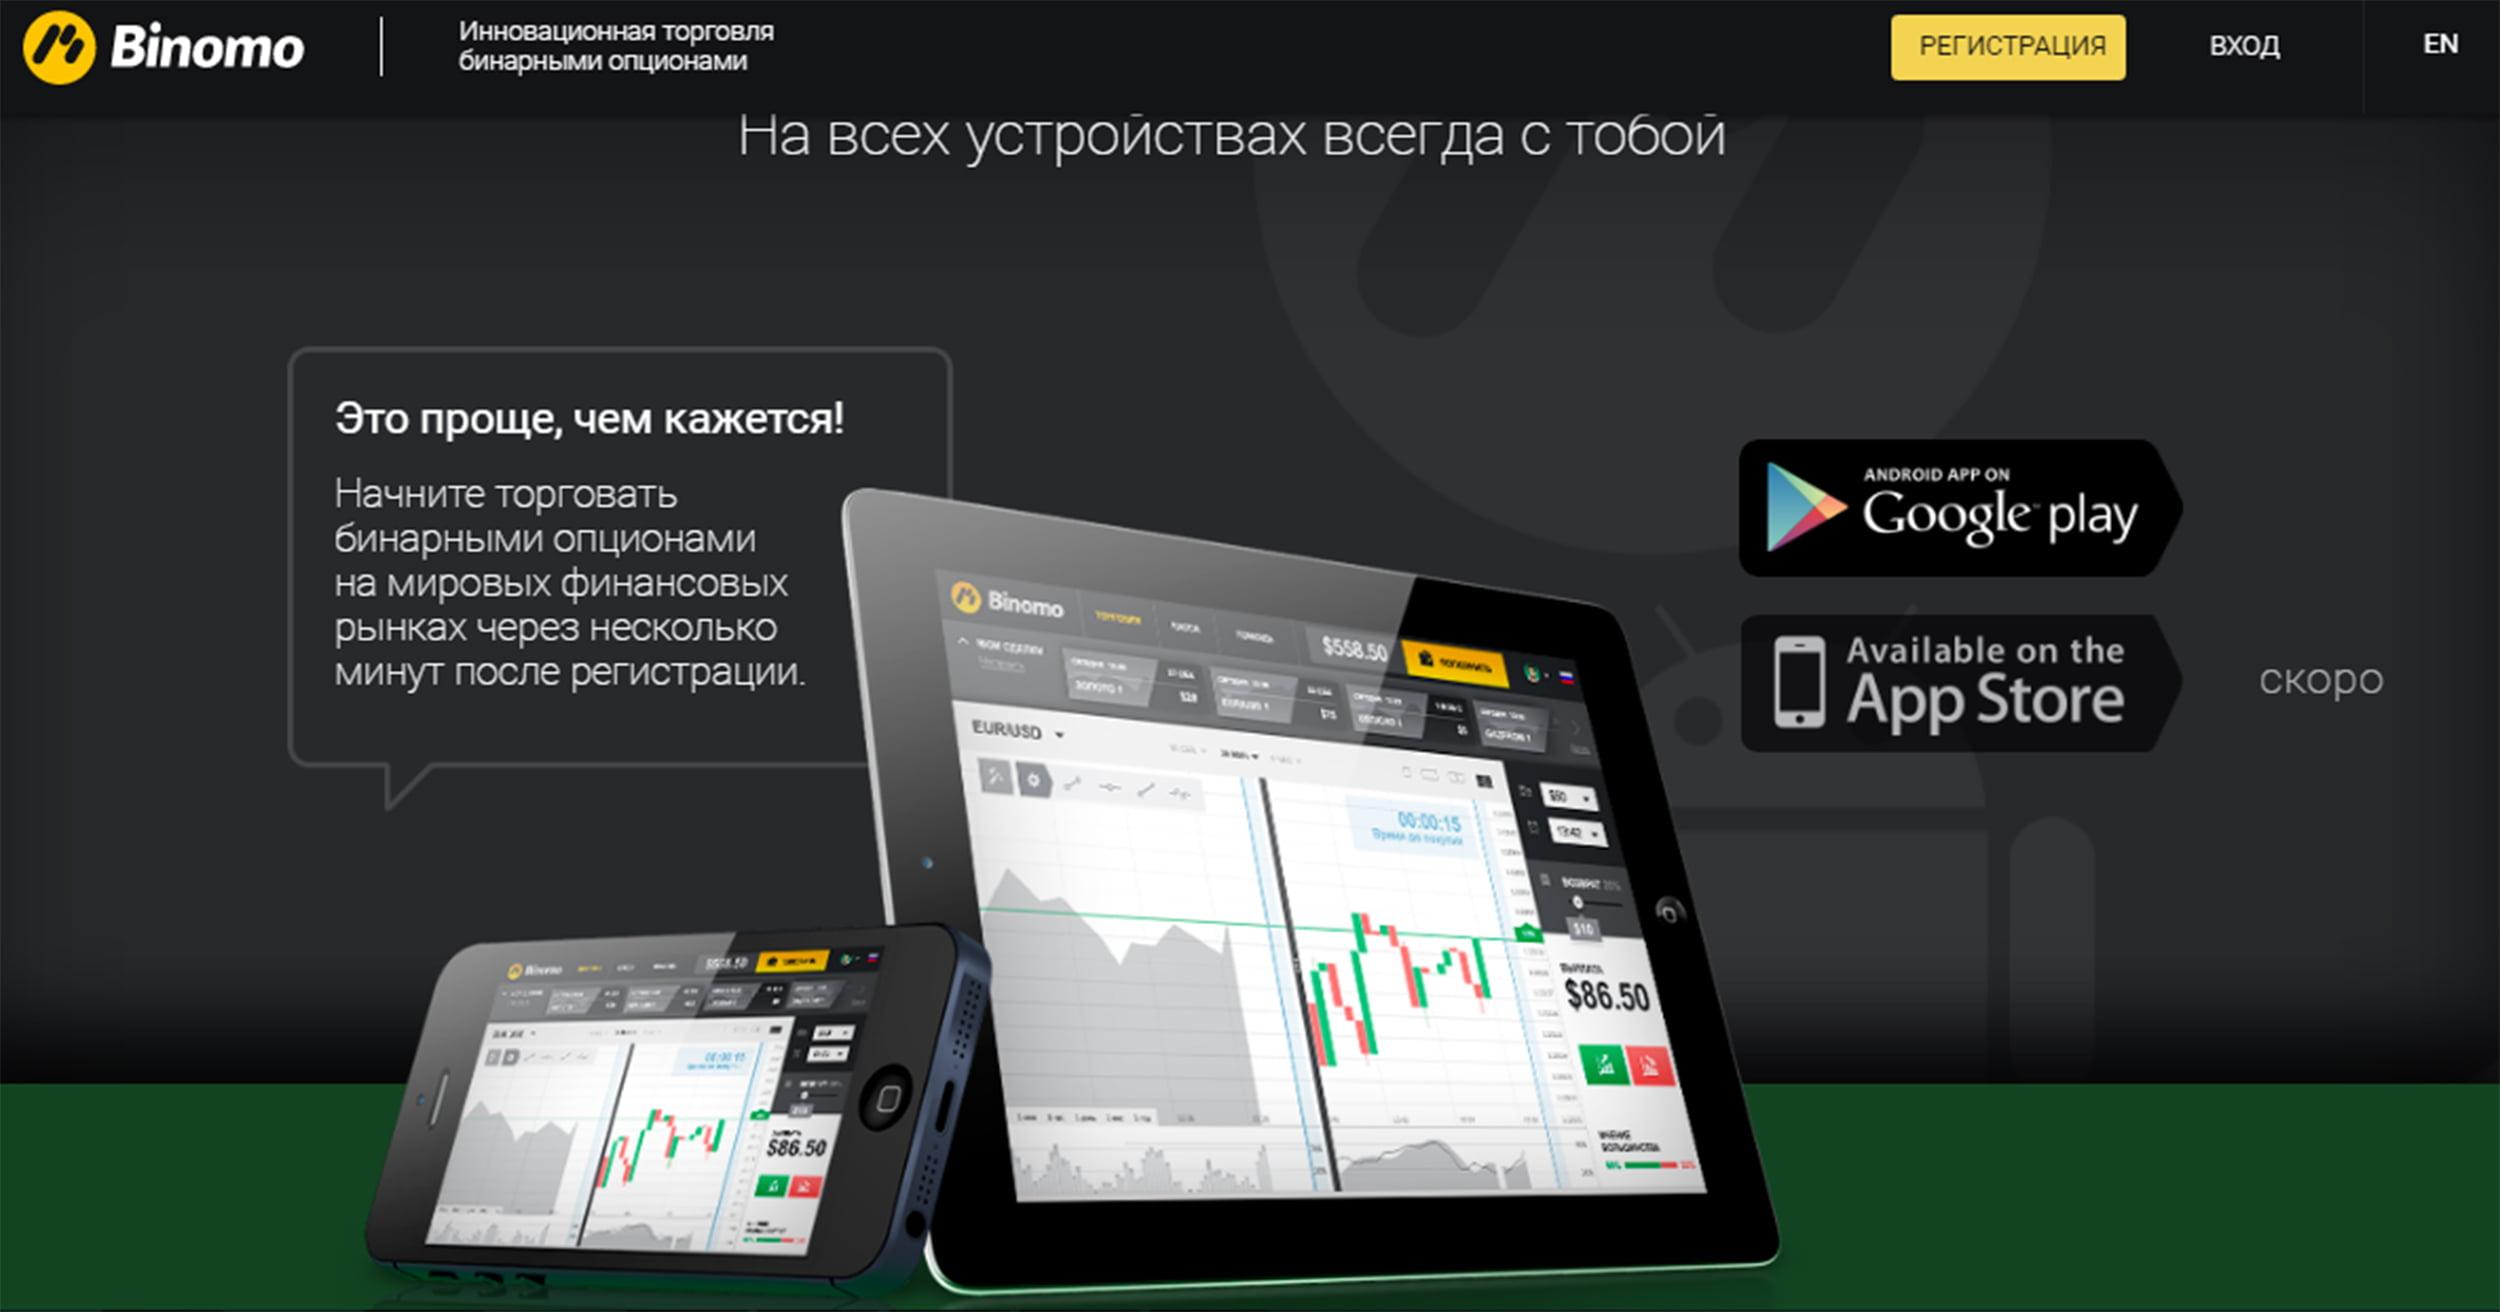 Мобильная платформа Биномо